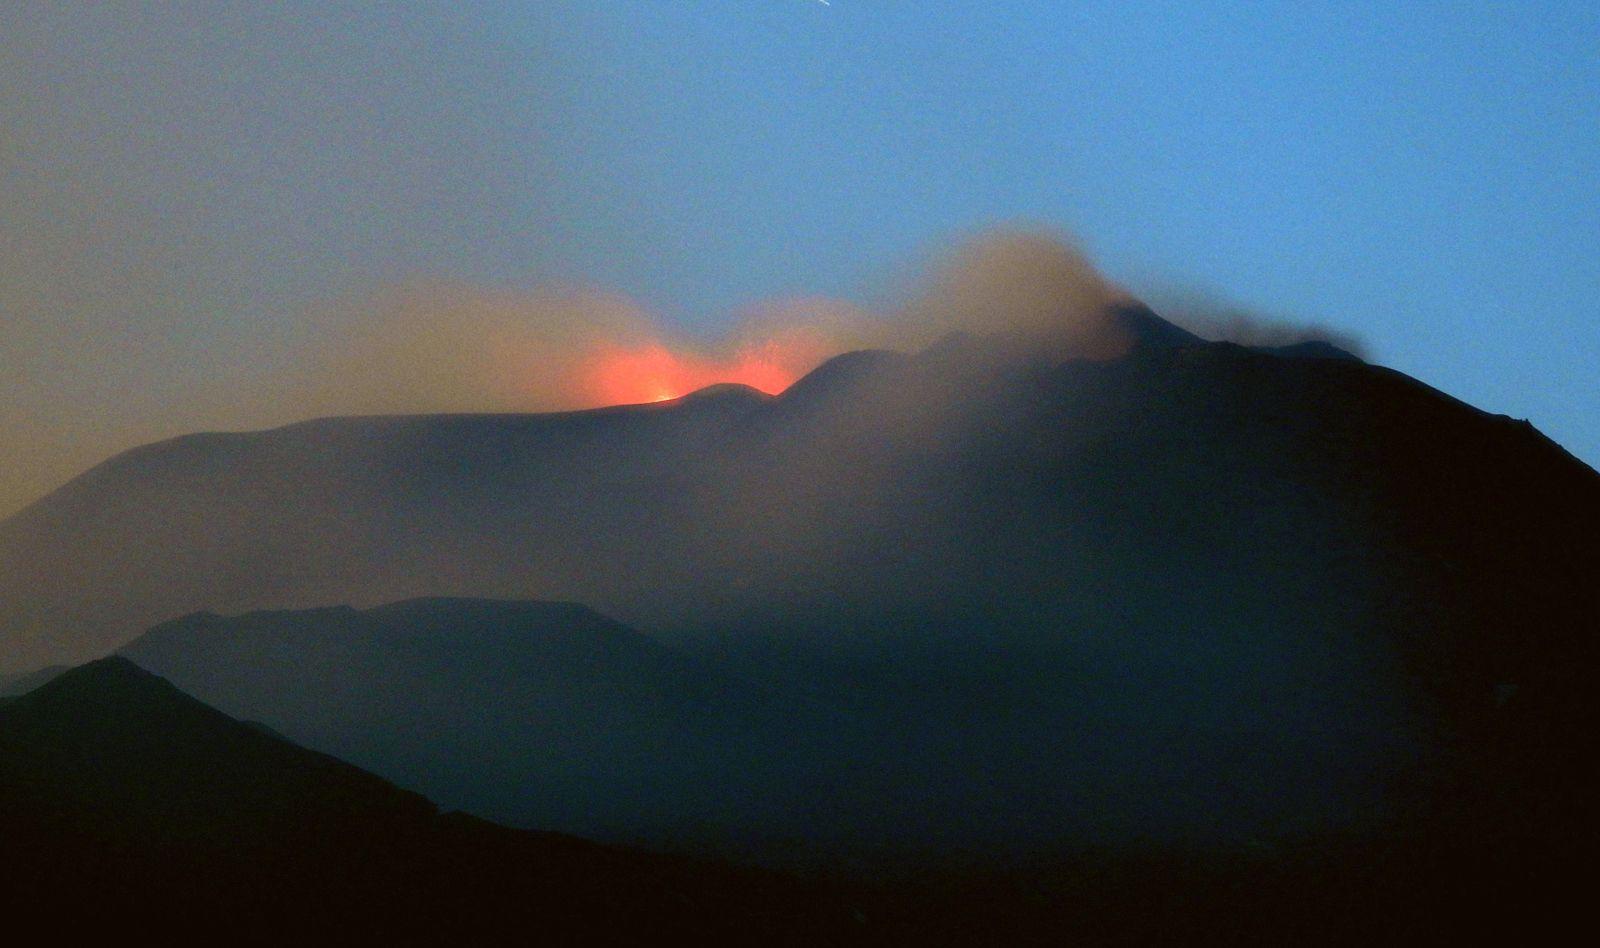 Etna  - 12.03.2020 en soirée, vu de Tremestieri Etneo – 2 évents actifs à la Voragine – photo Boris Behncke